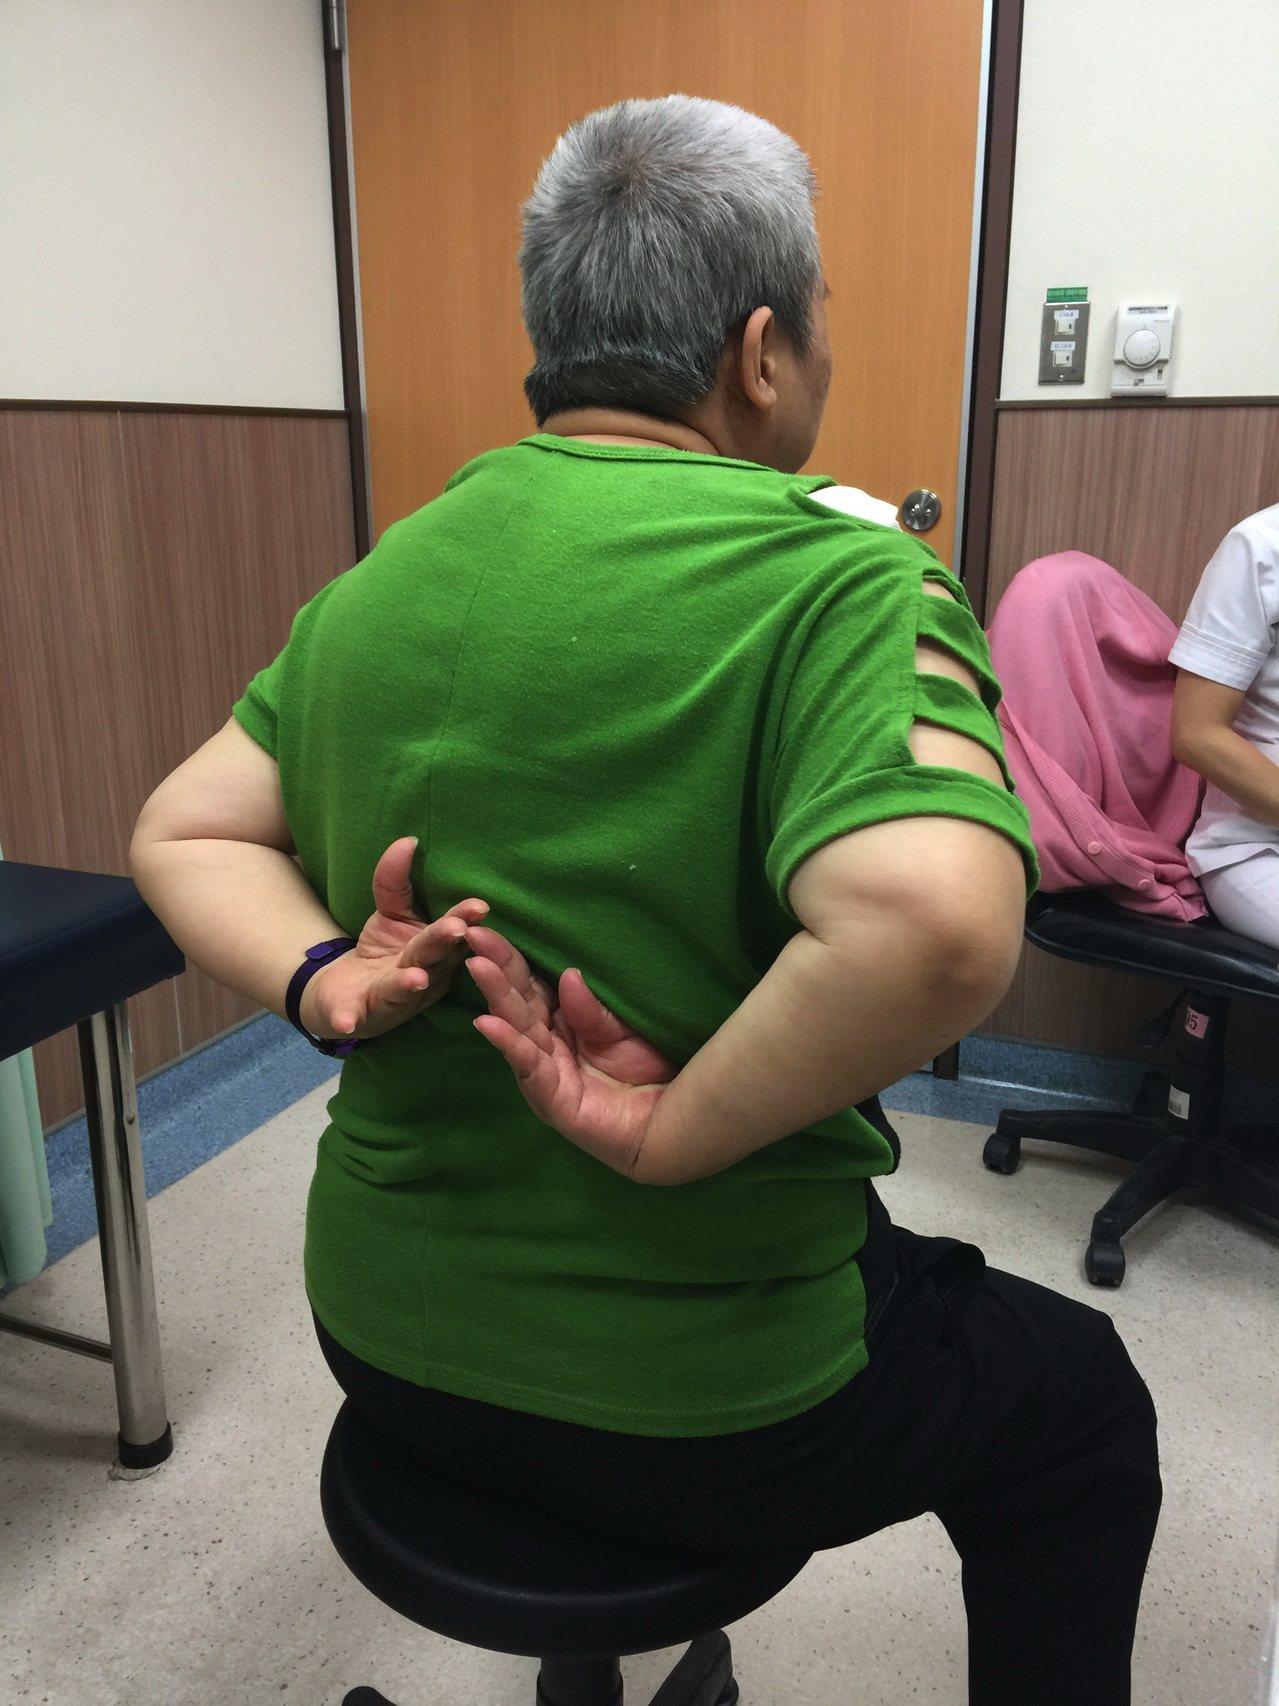 吳婦手術完隔天回診,不僅清除疼痛,馬上可把手往後彎,恢復正常,她欣喜萬分。記者蔡...